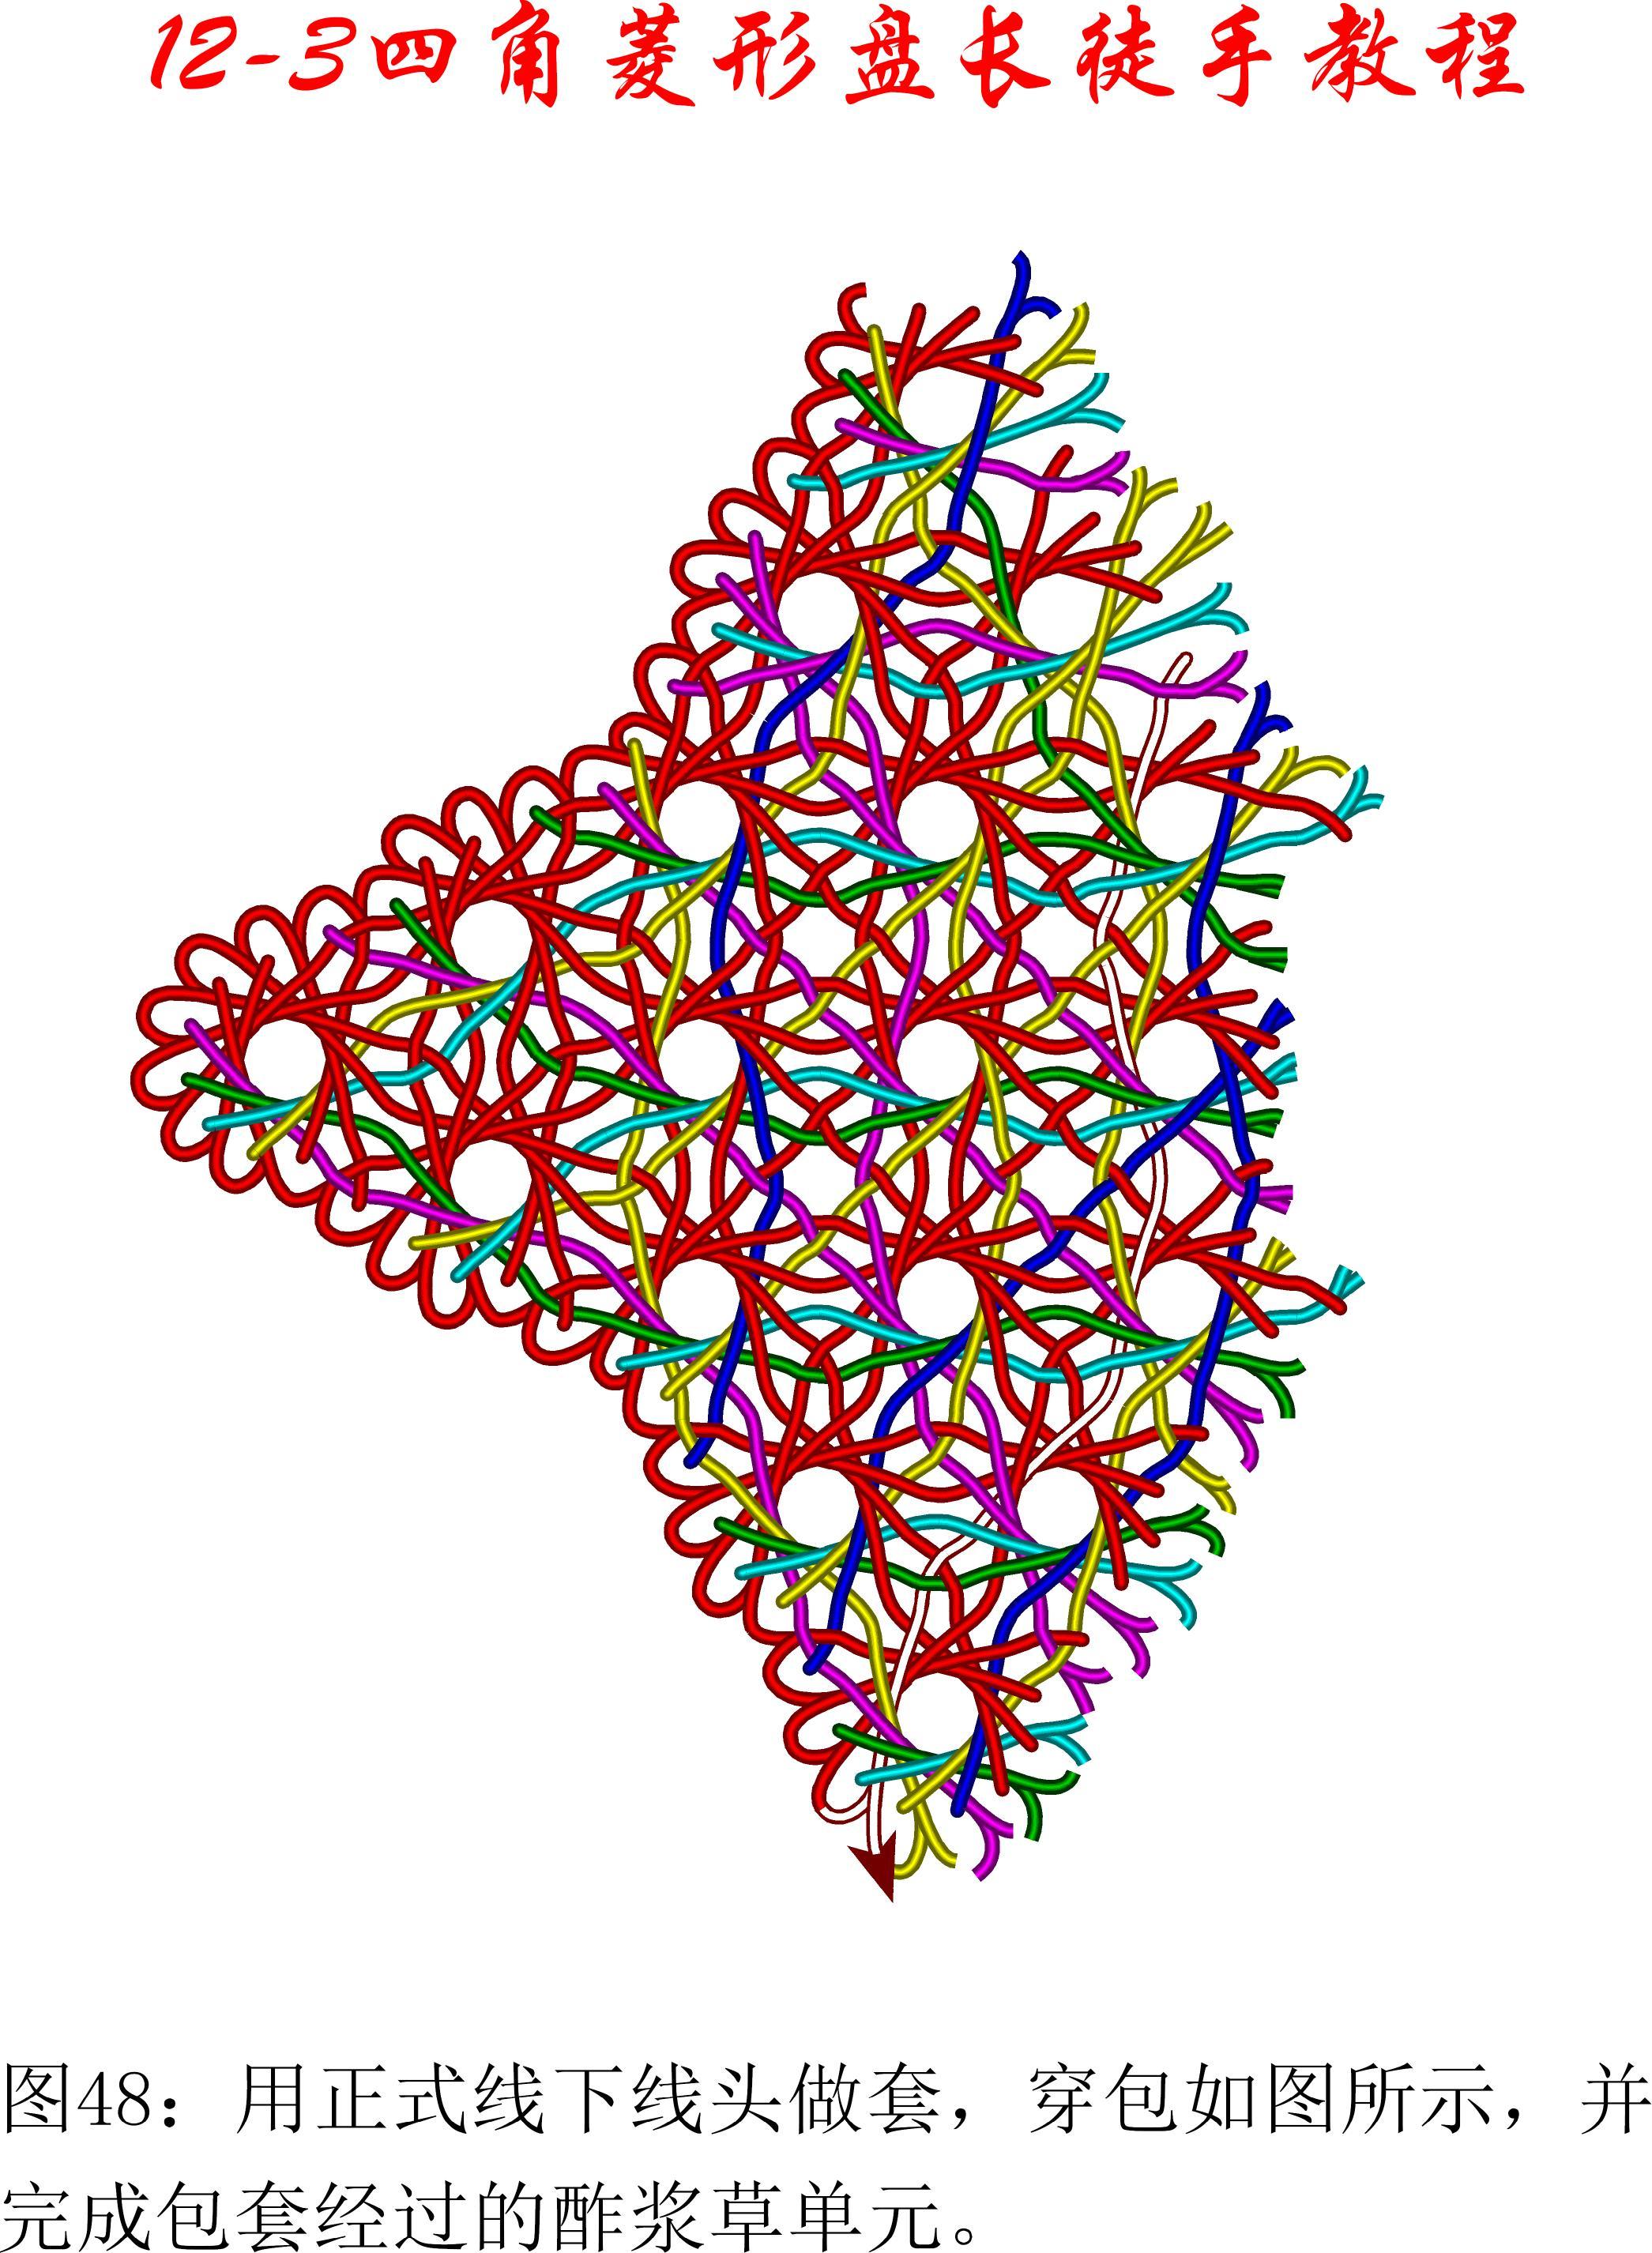 中国结论坛 12-3四角菱形盘长徒手教程 教程,菱形实心花的编织图解,长方形做菱形怎么做,长方形分菱形图解,菱形四边一样长吗 丑丑徒手编结 133851qi4ssm7lwygy7wtk